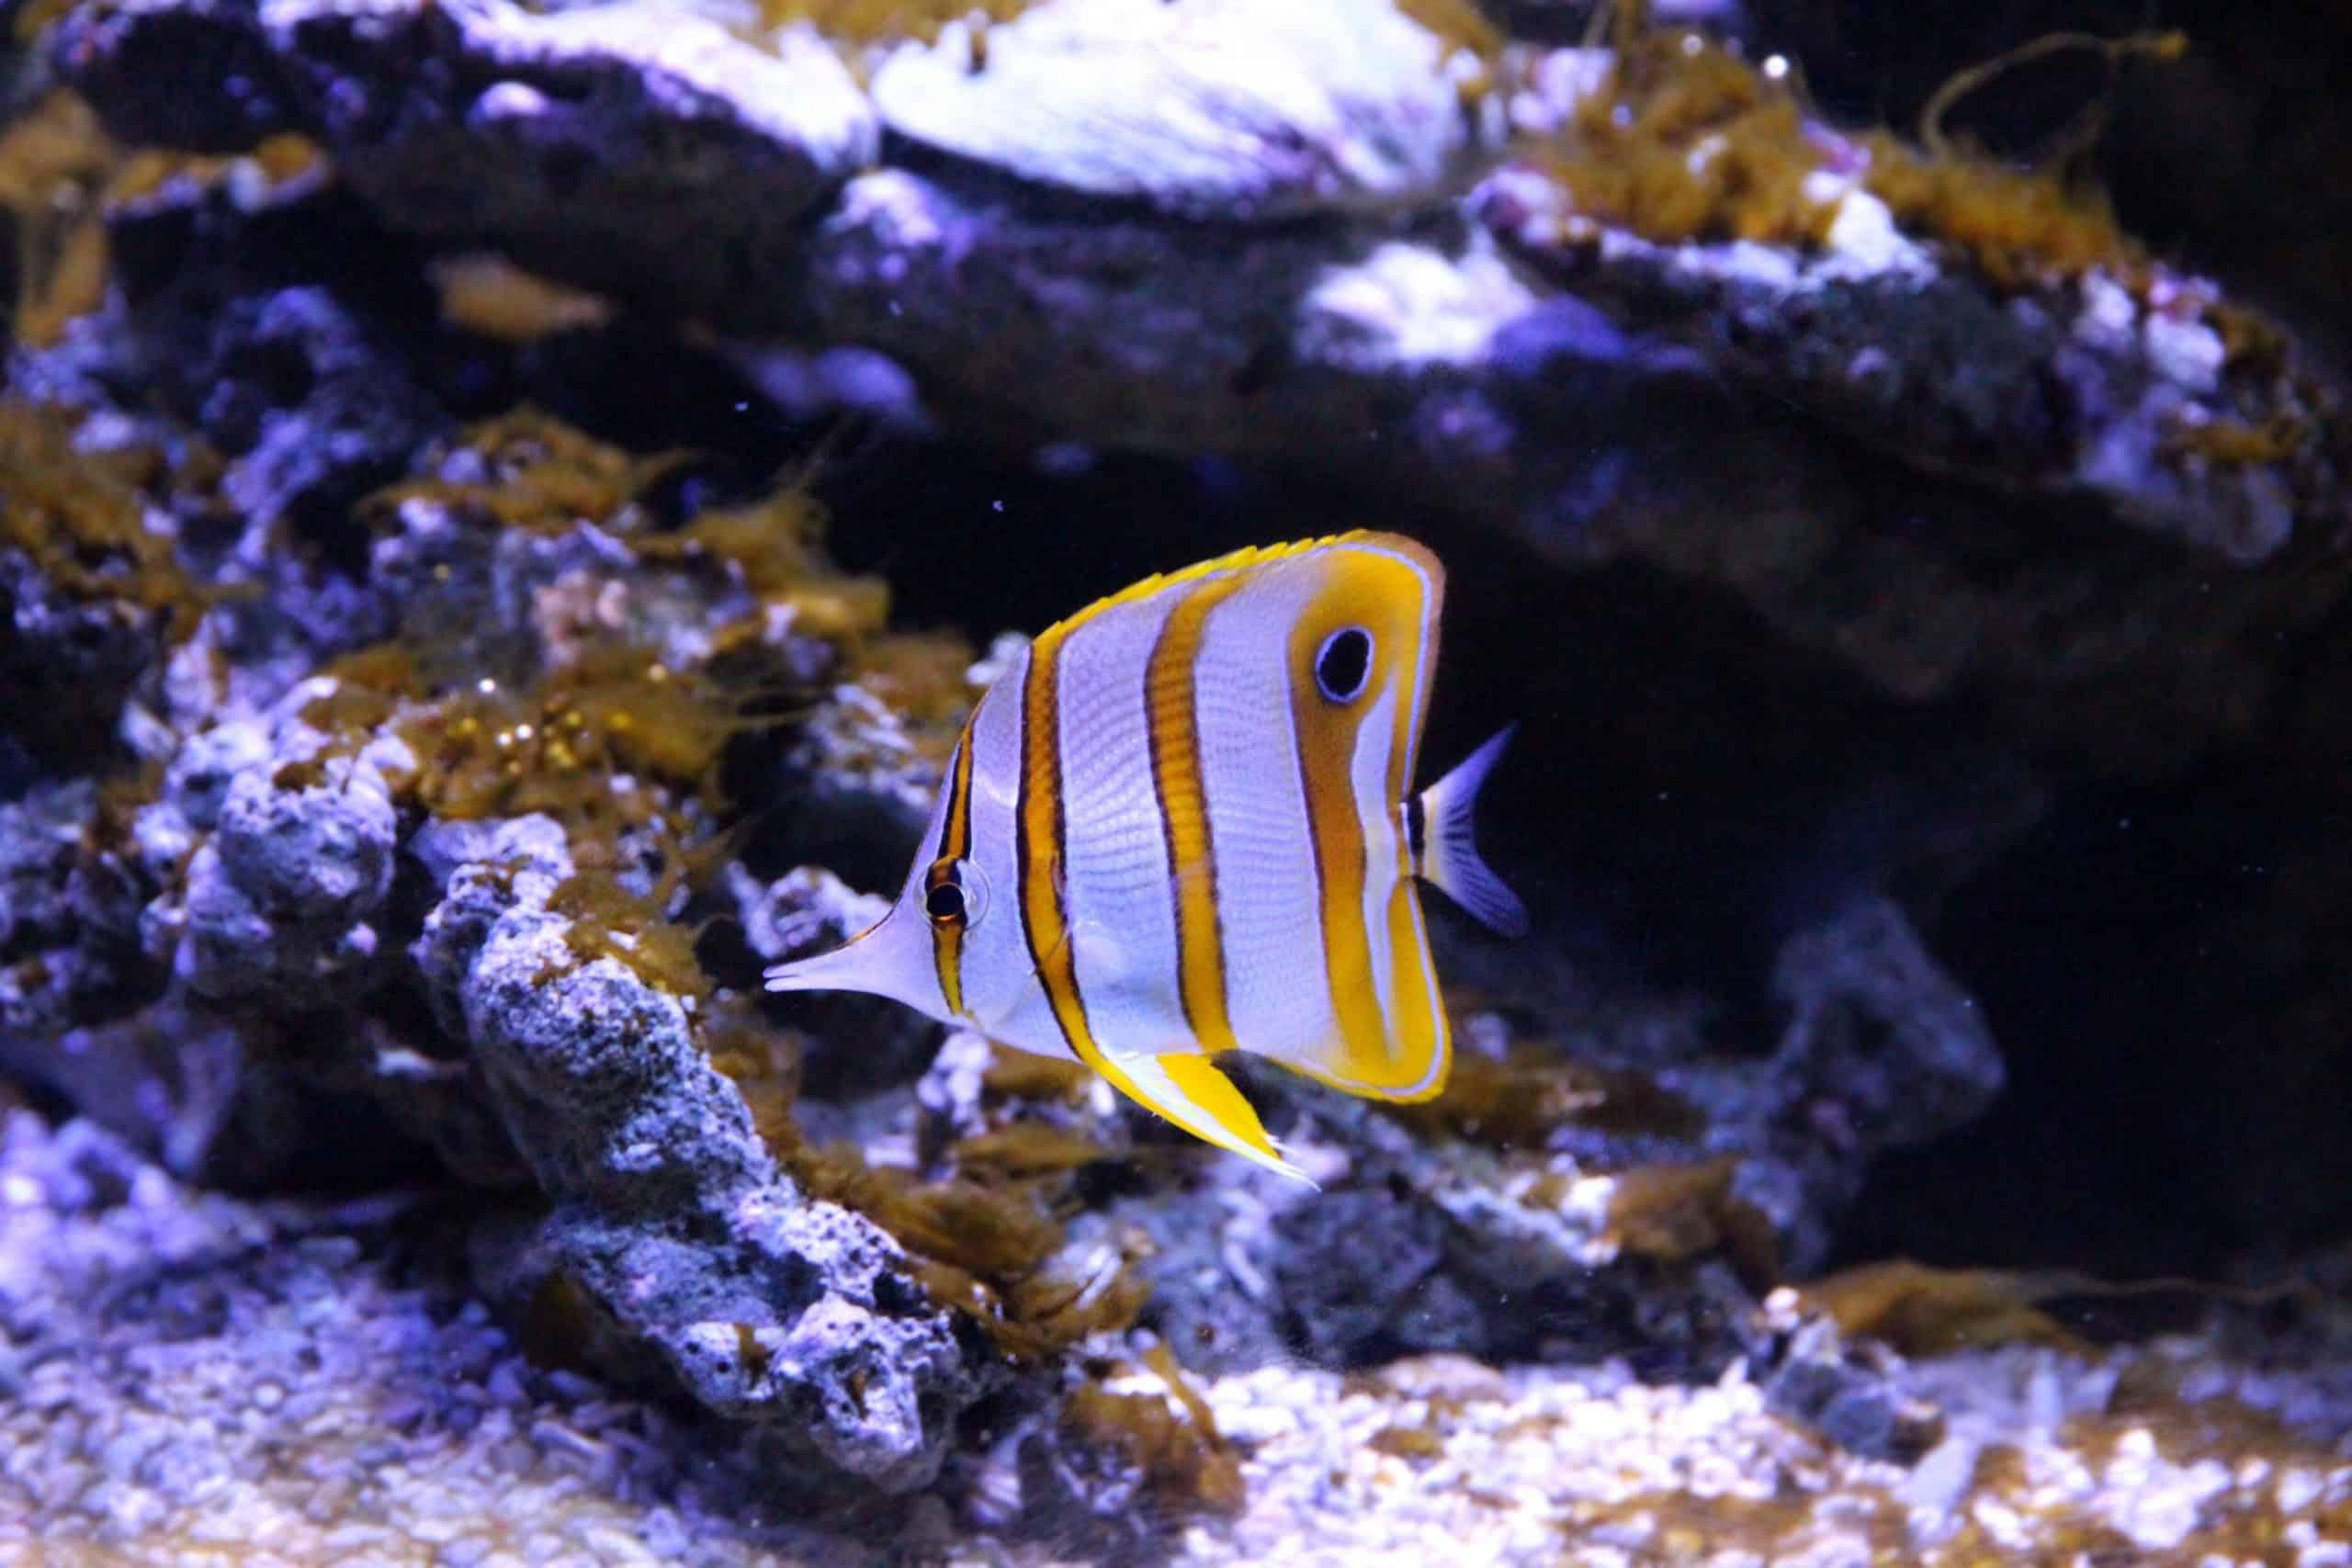 voederautomaat aquarium